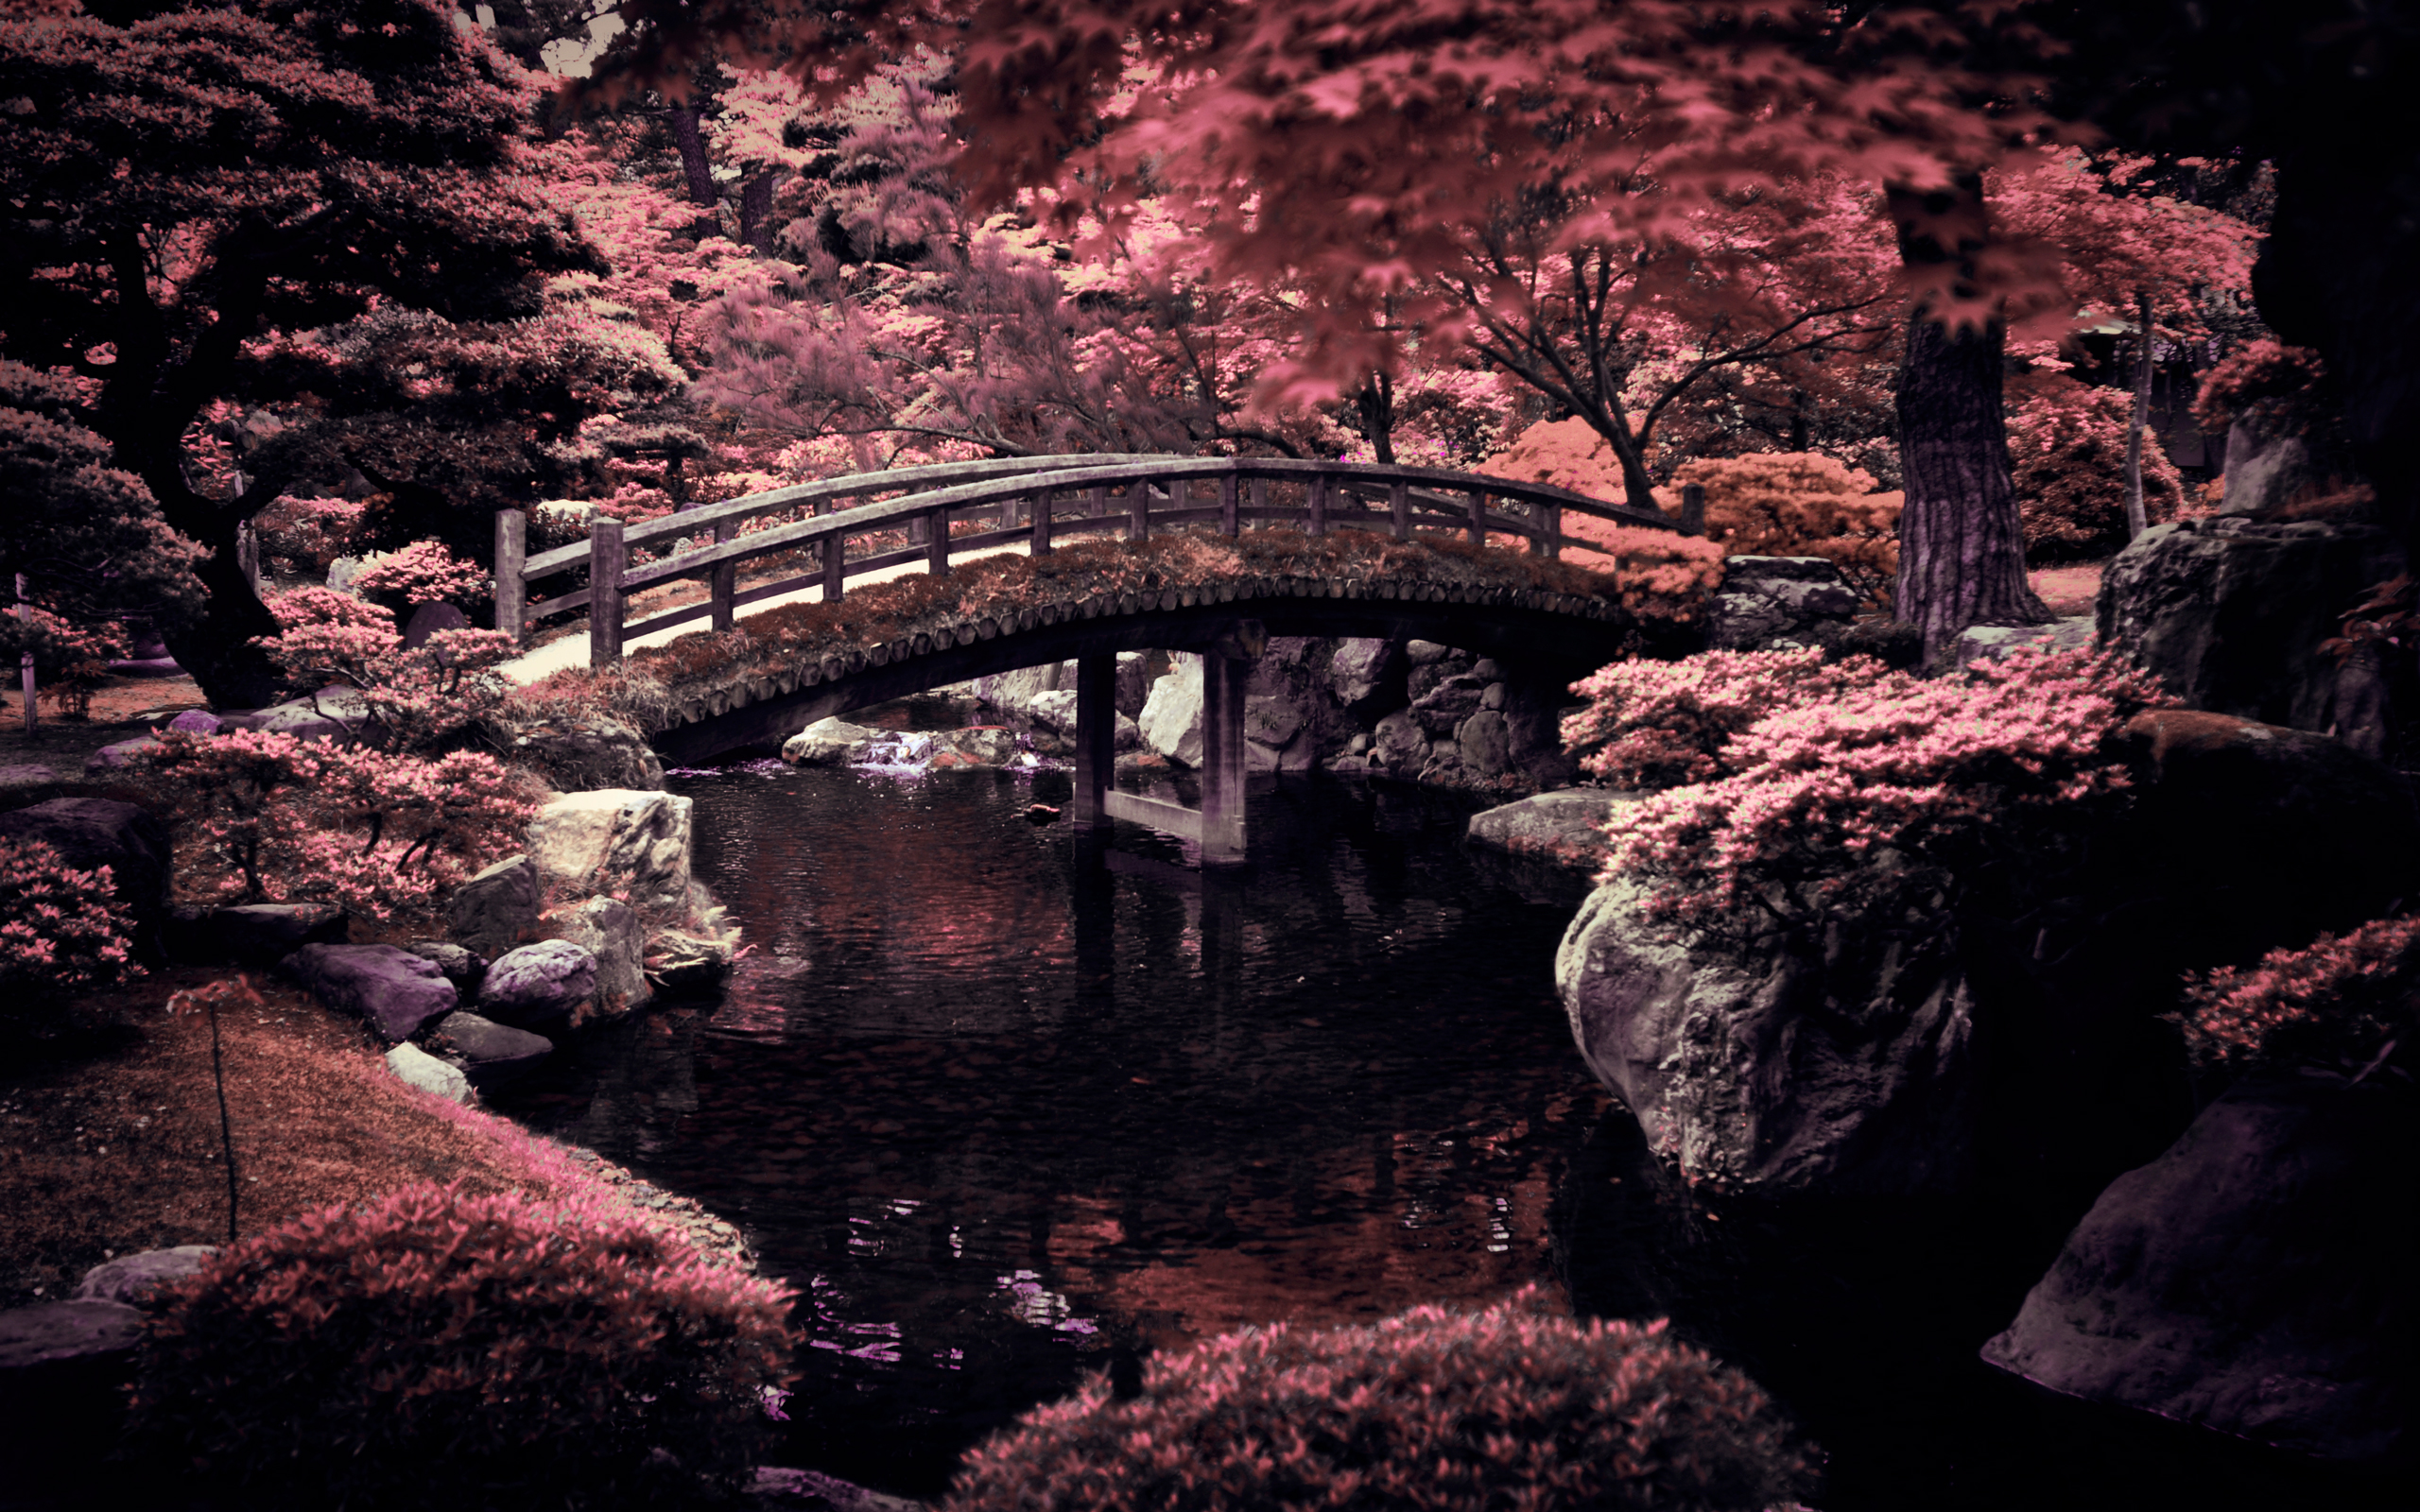 Imperial Garden Japan Wallpaper Desktop Wallpapers 2560x1600